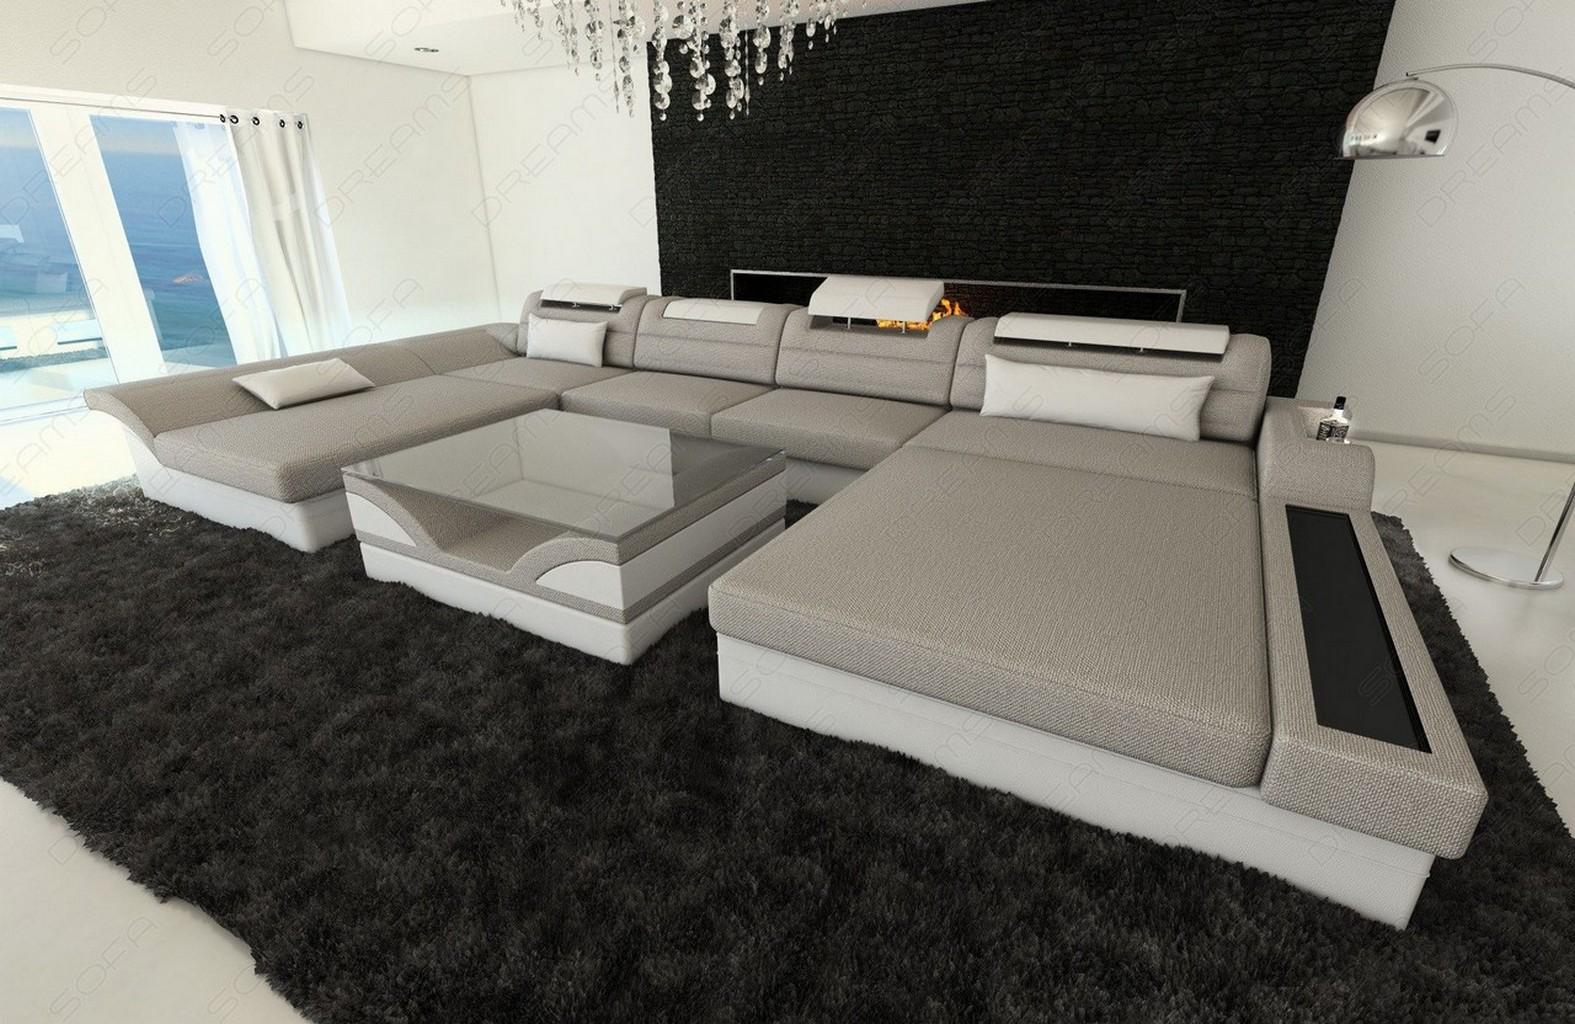 design polstersofa wohnlandschaft stoff monza u form recamiere led beleuchtung ebay. Black Bedroom Furniture Sets. Home Design Ideas